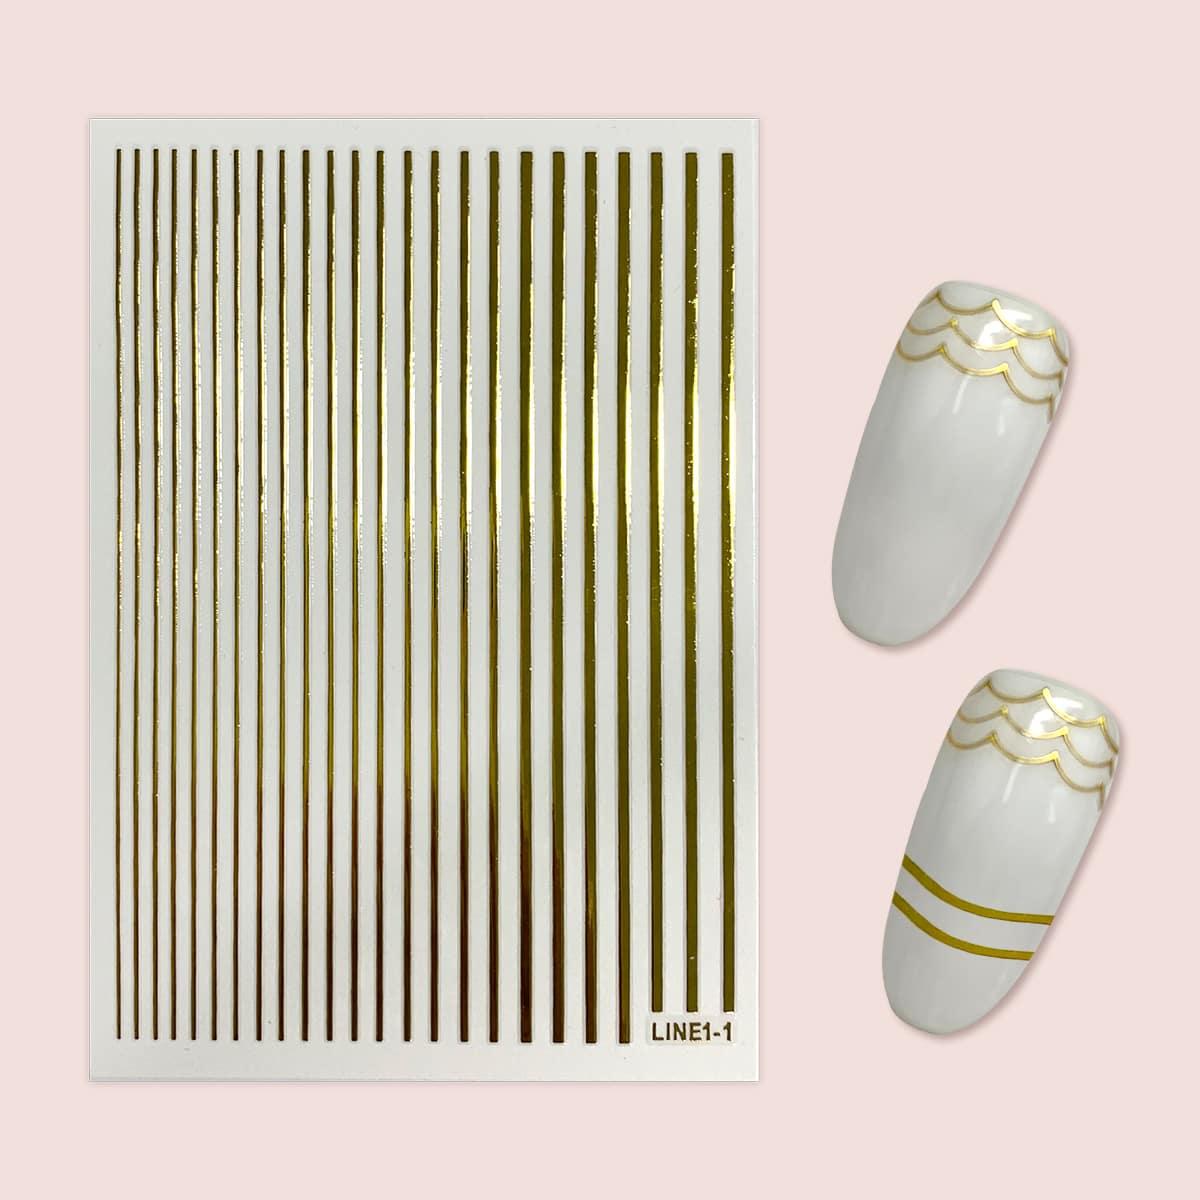 1sheet Line Nail Art Sticker